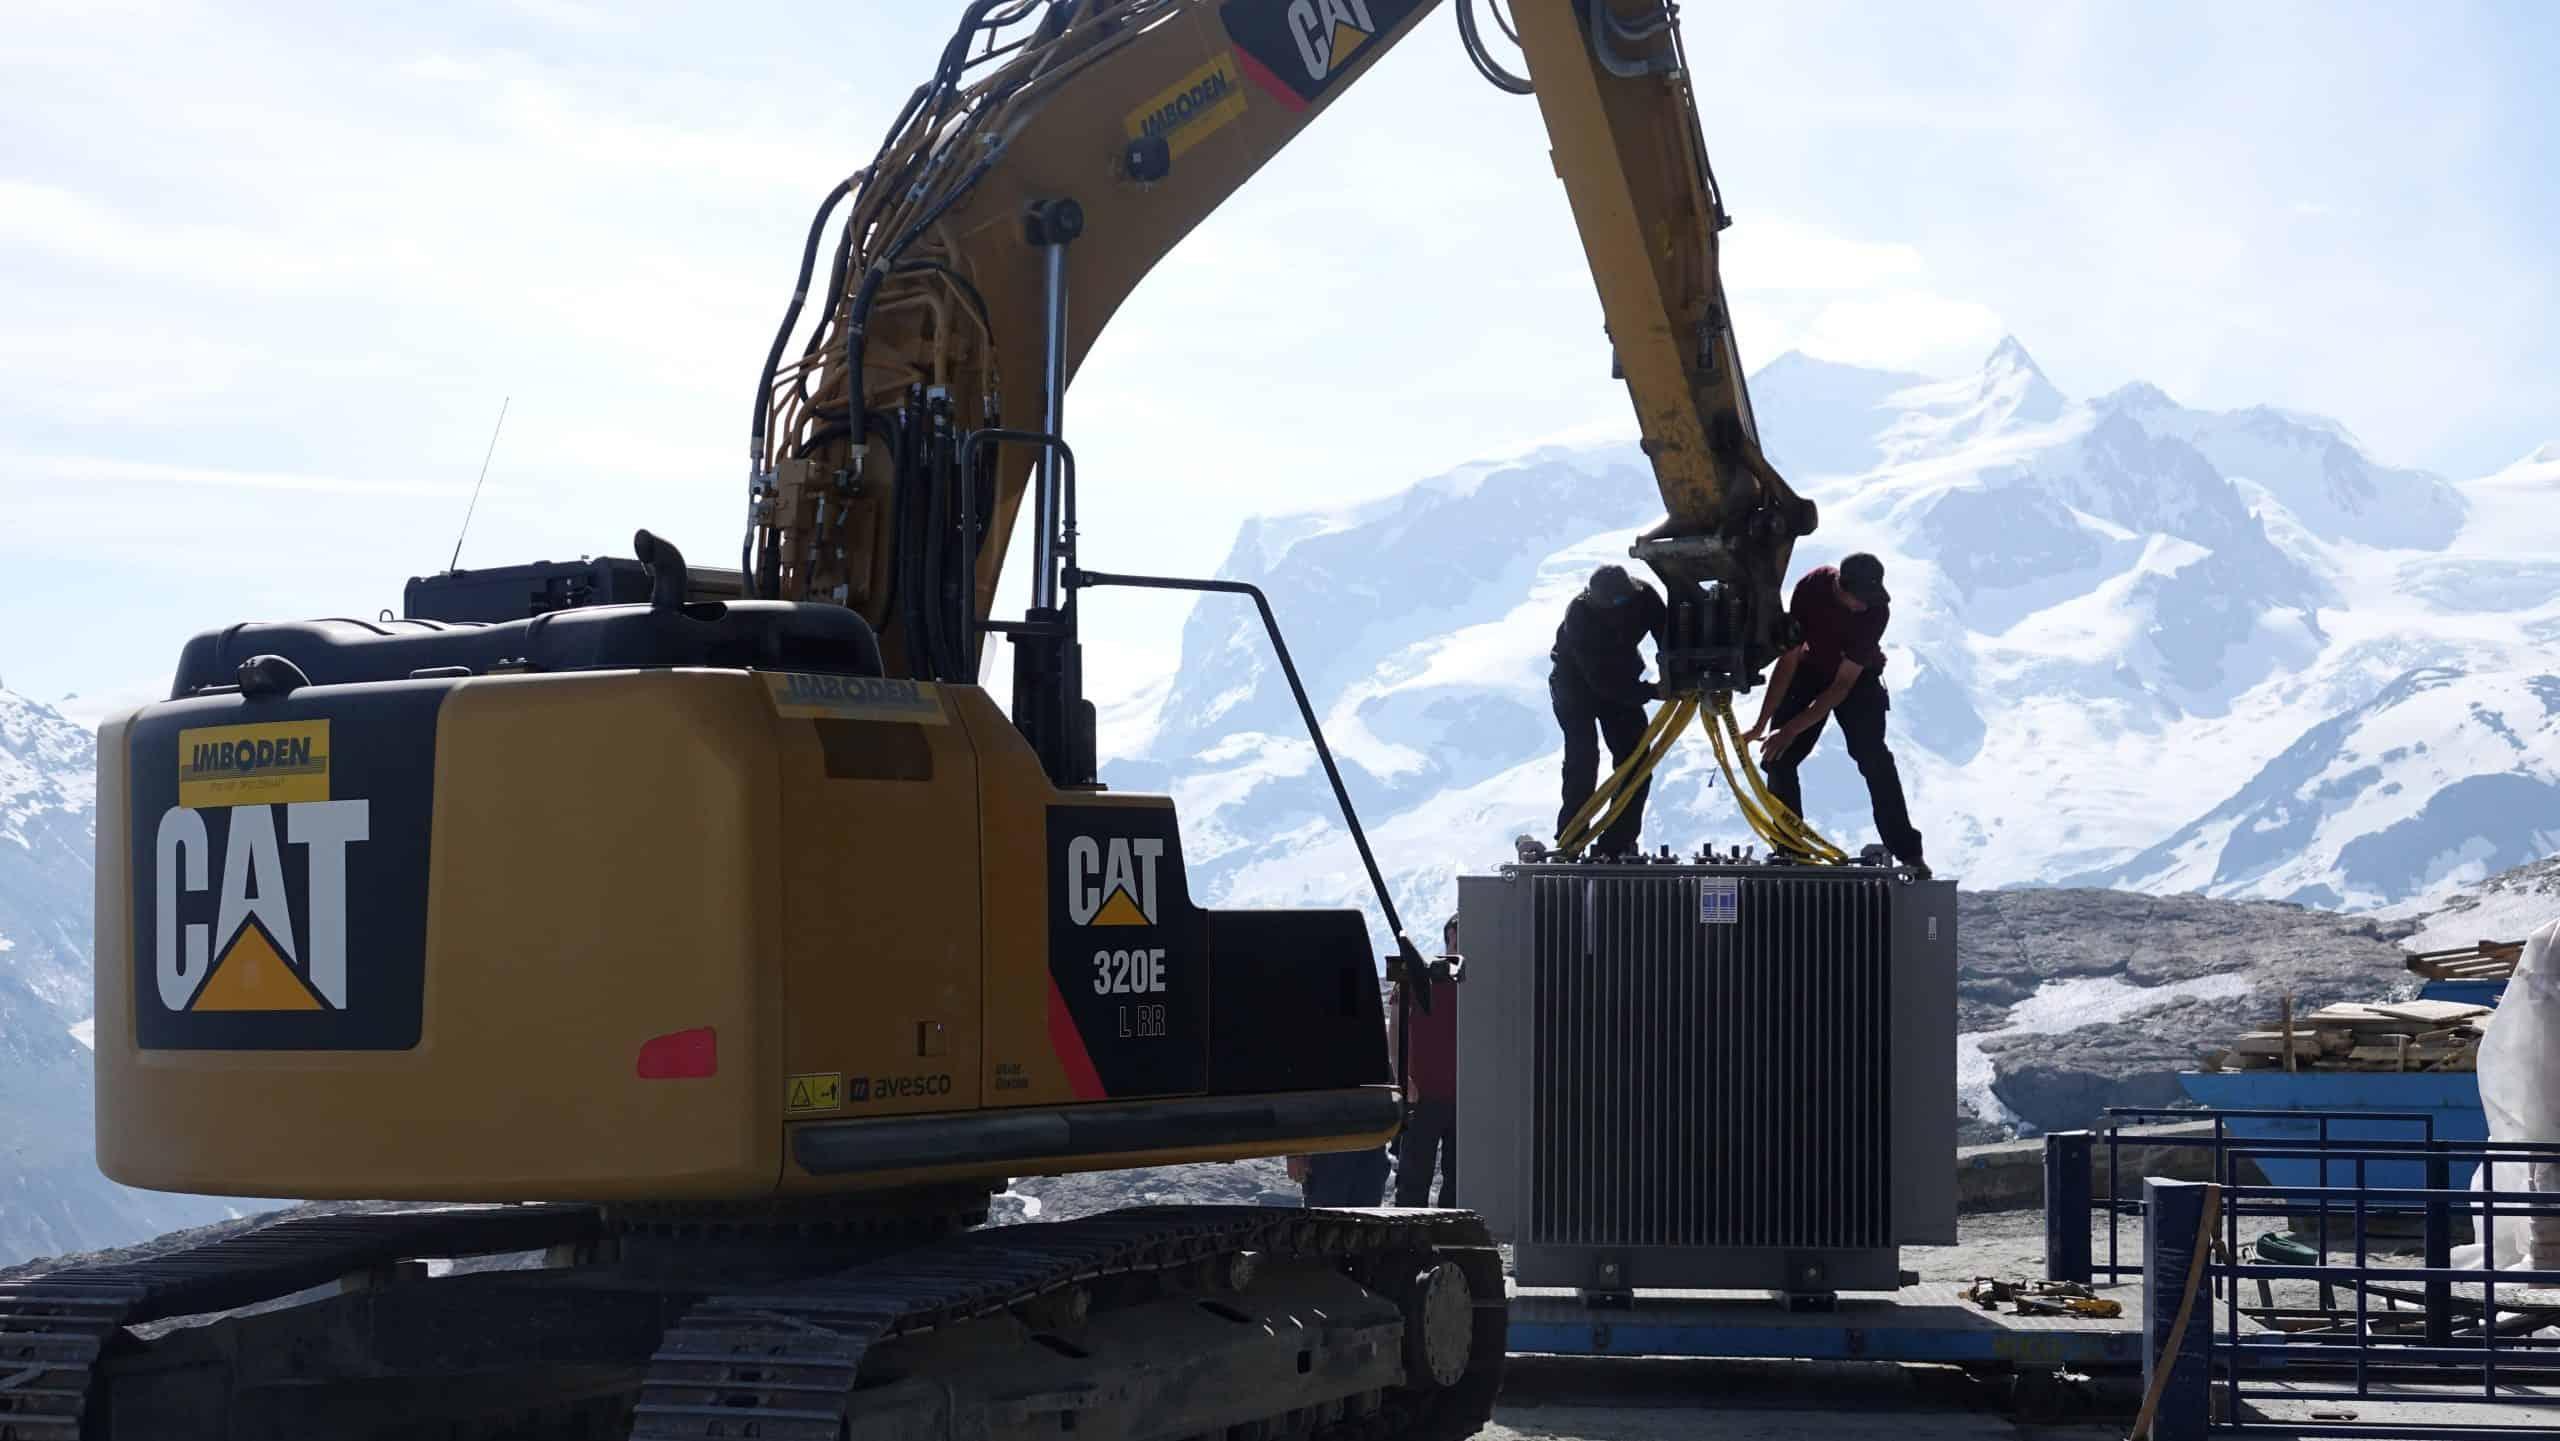 Transformer delivery for Matterhorn region Switzerland